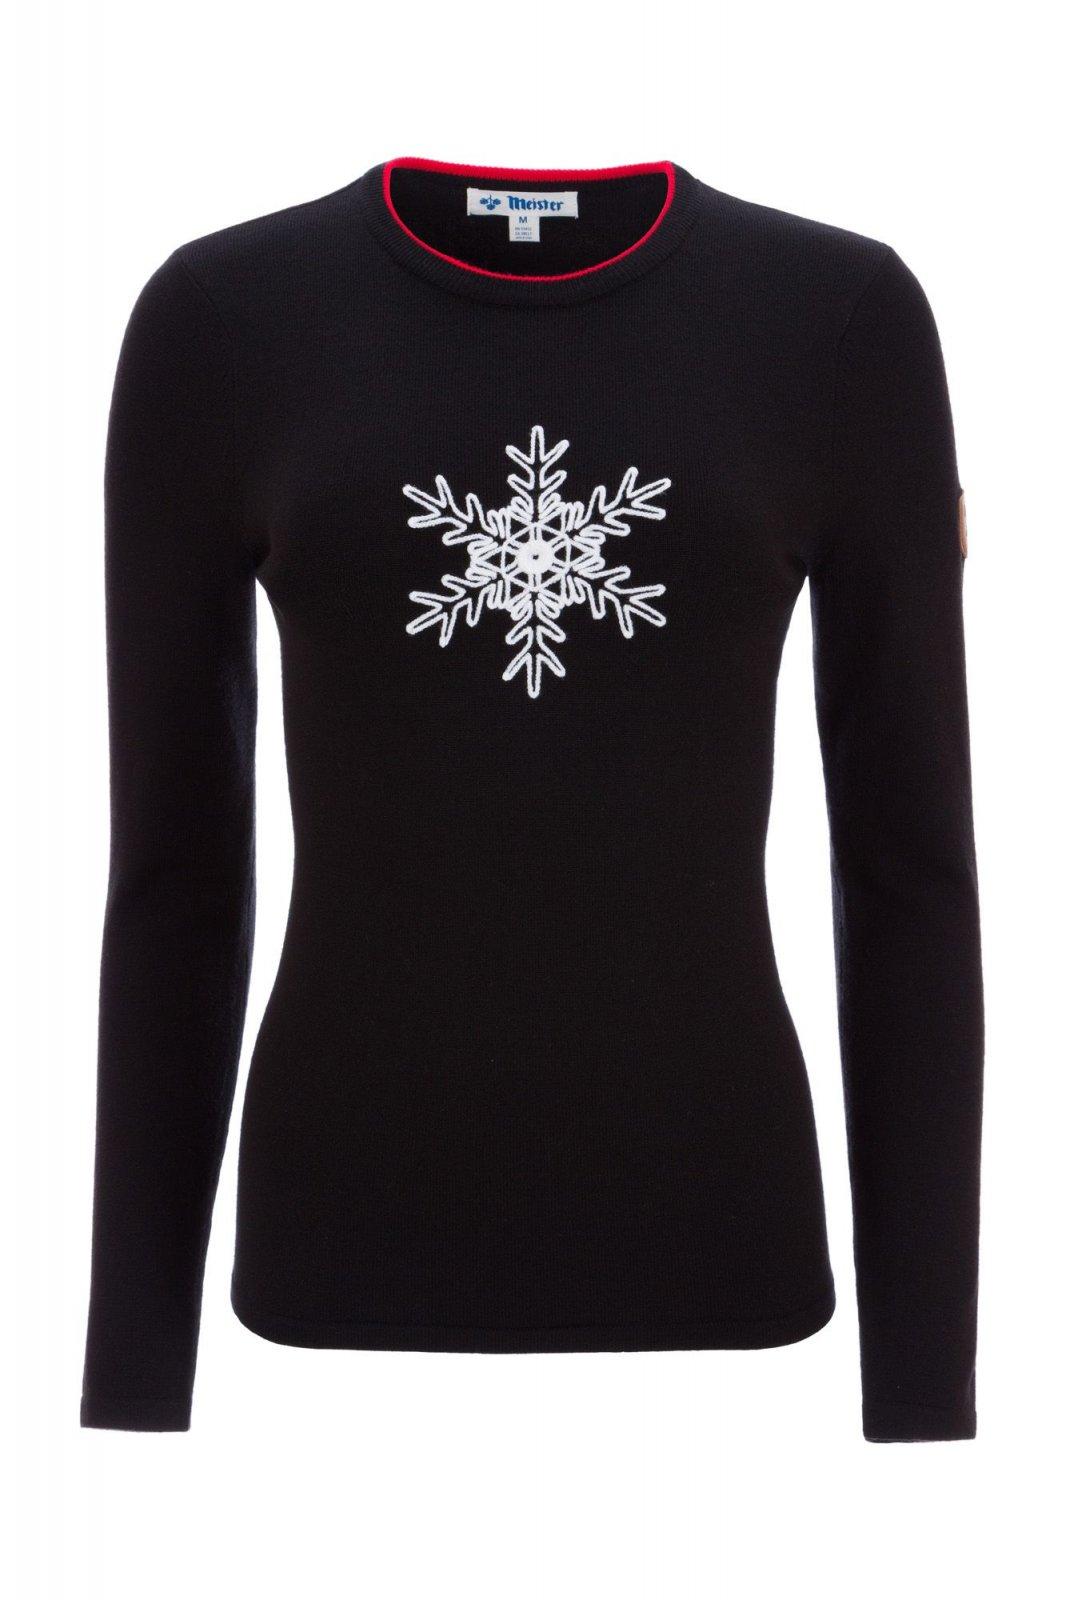 Meister Noel Ladies Sweater